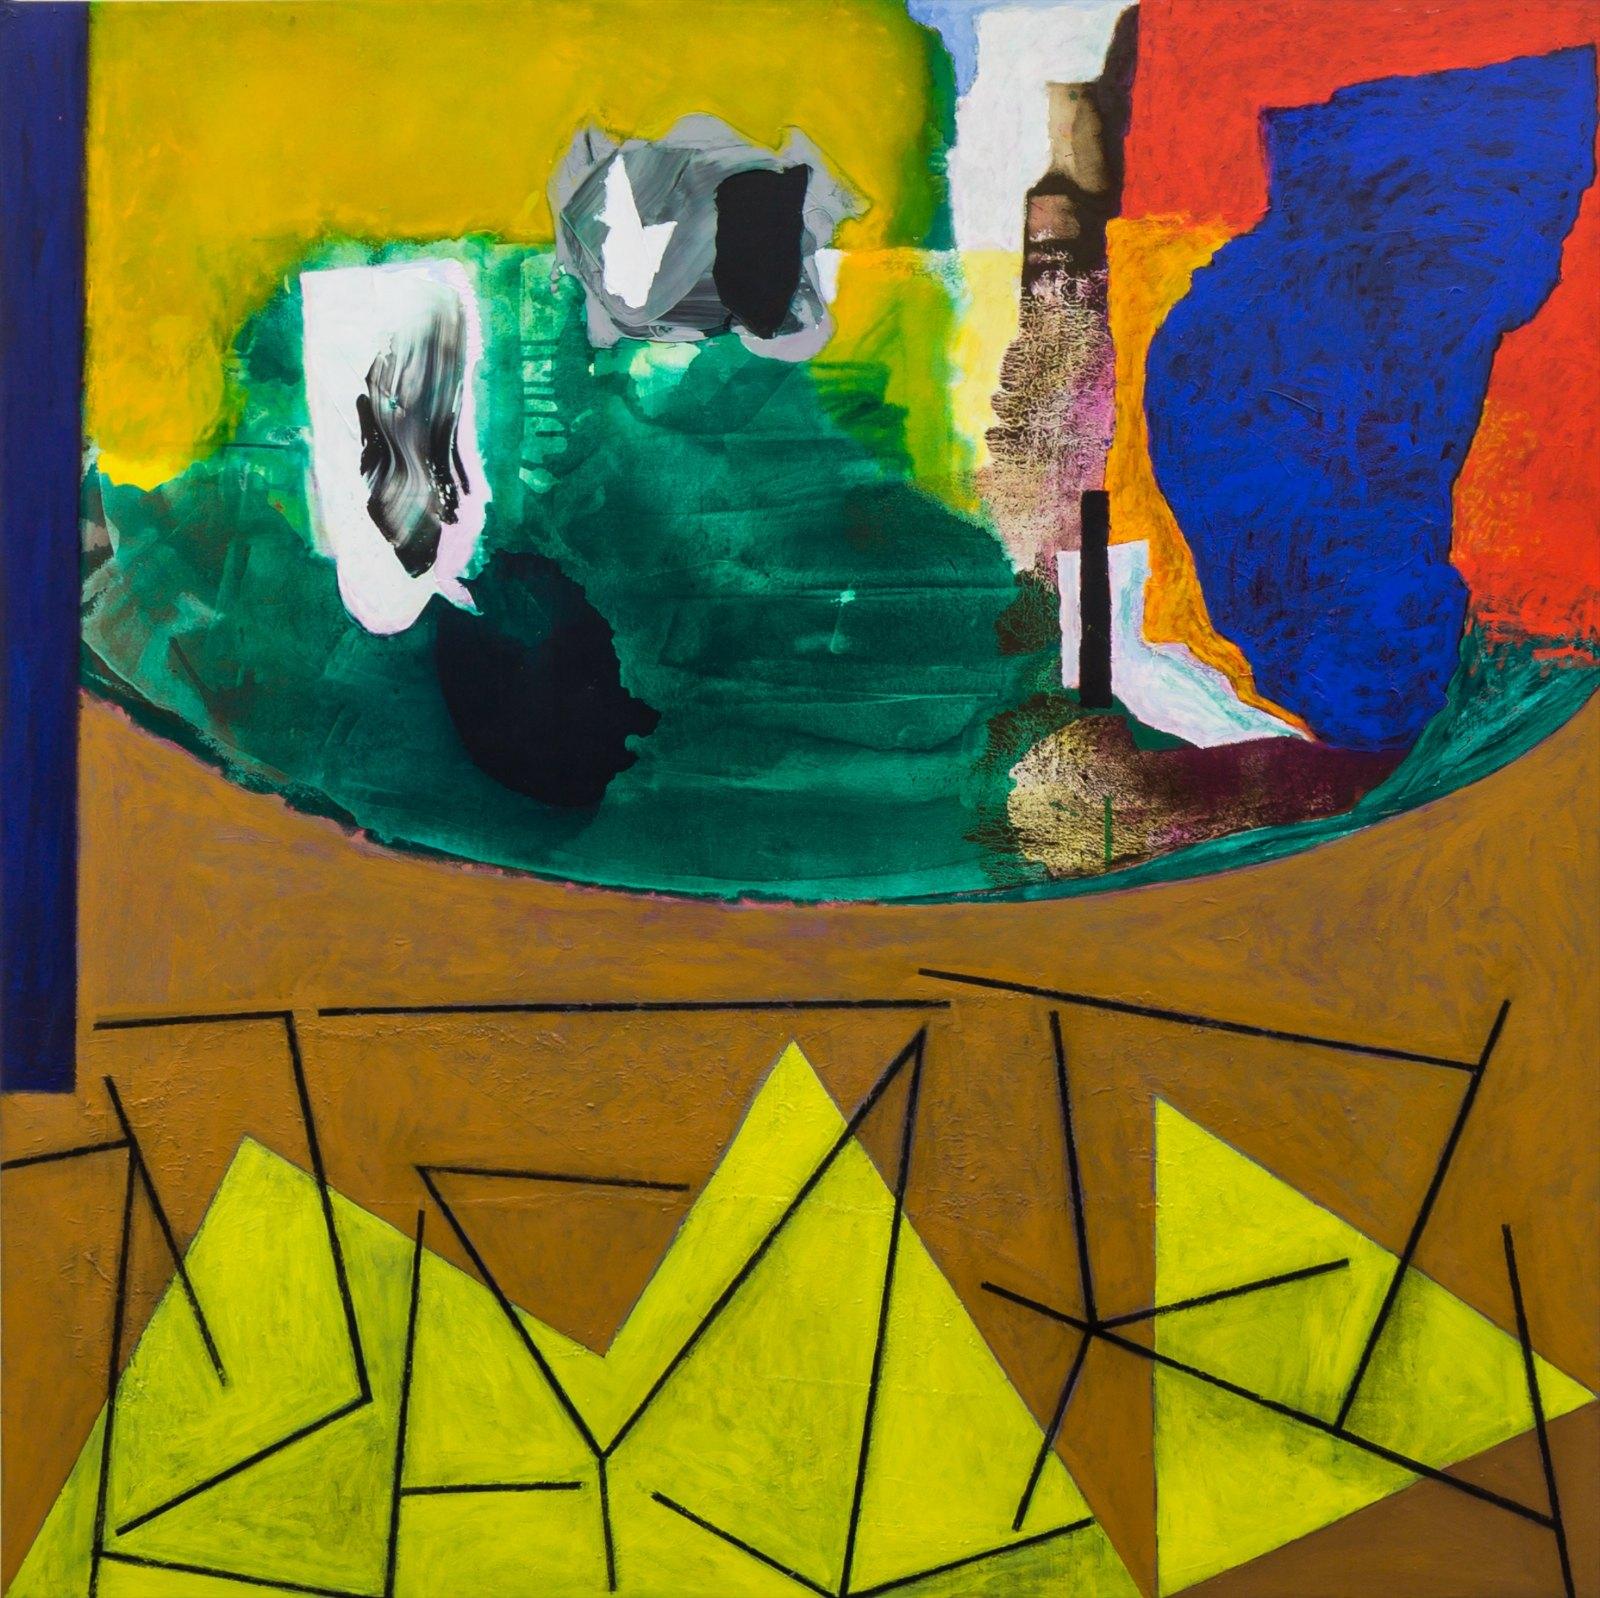 Paul Osipow, Rikosjett, 1997-99, oil, charcoal and acrylic on canvas, 240 x 240 cm